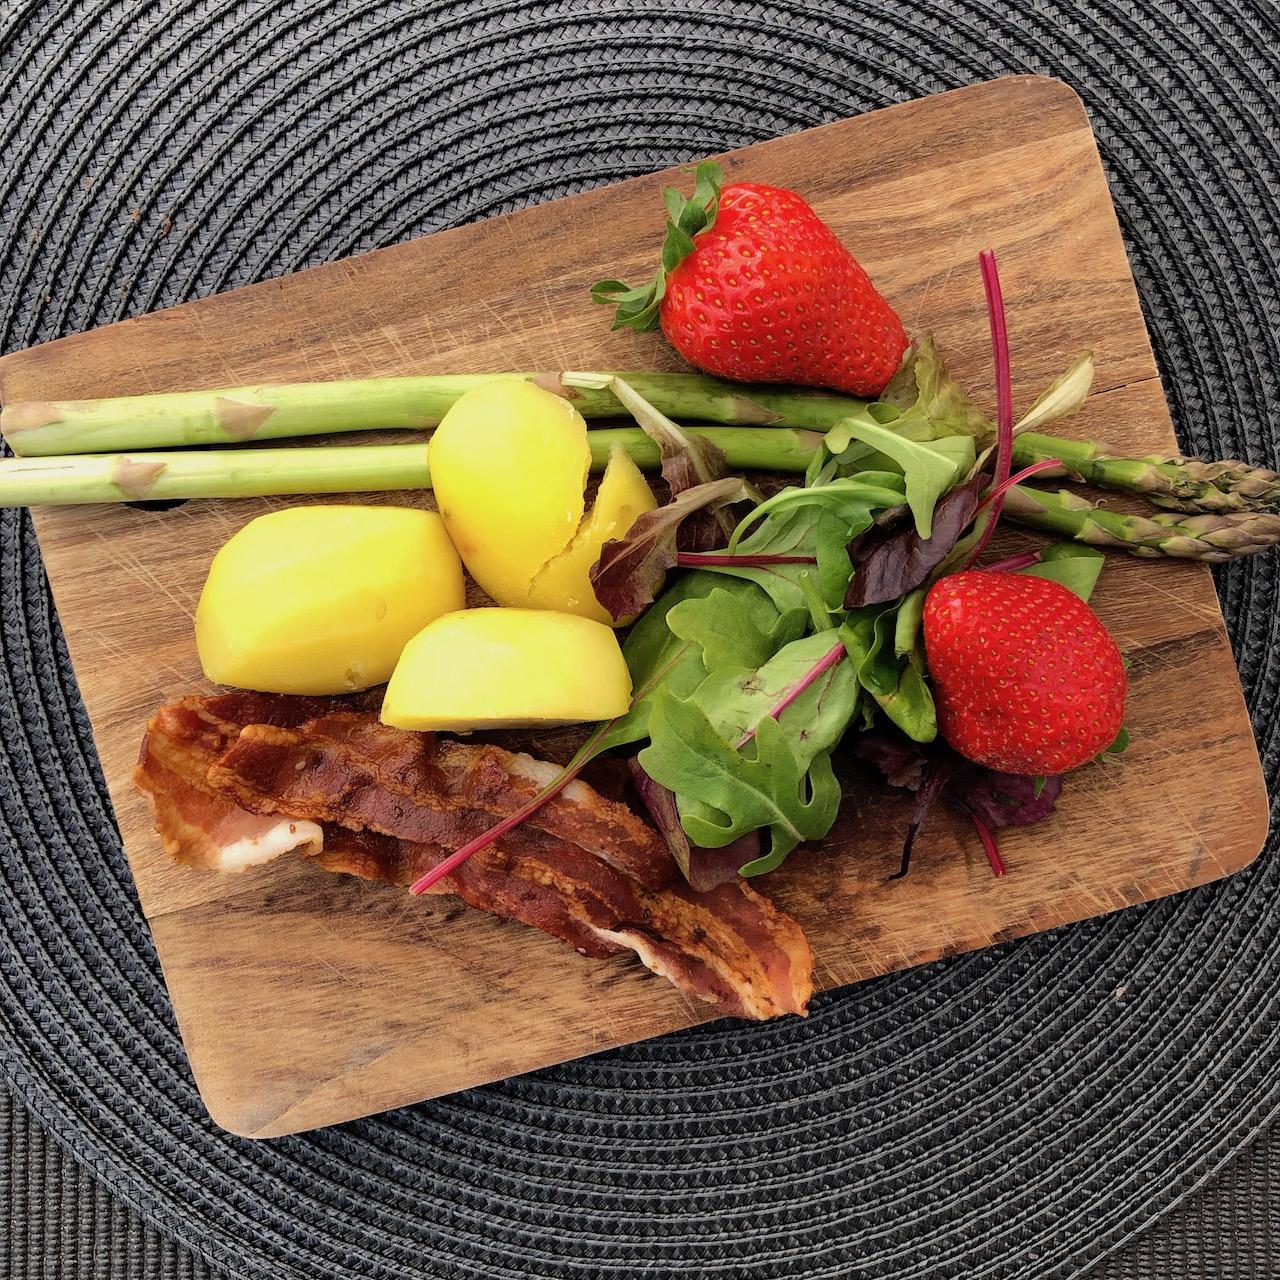 Espargos - Morango - Bacon - Batata - Salada de folhas